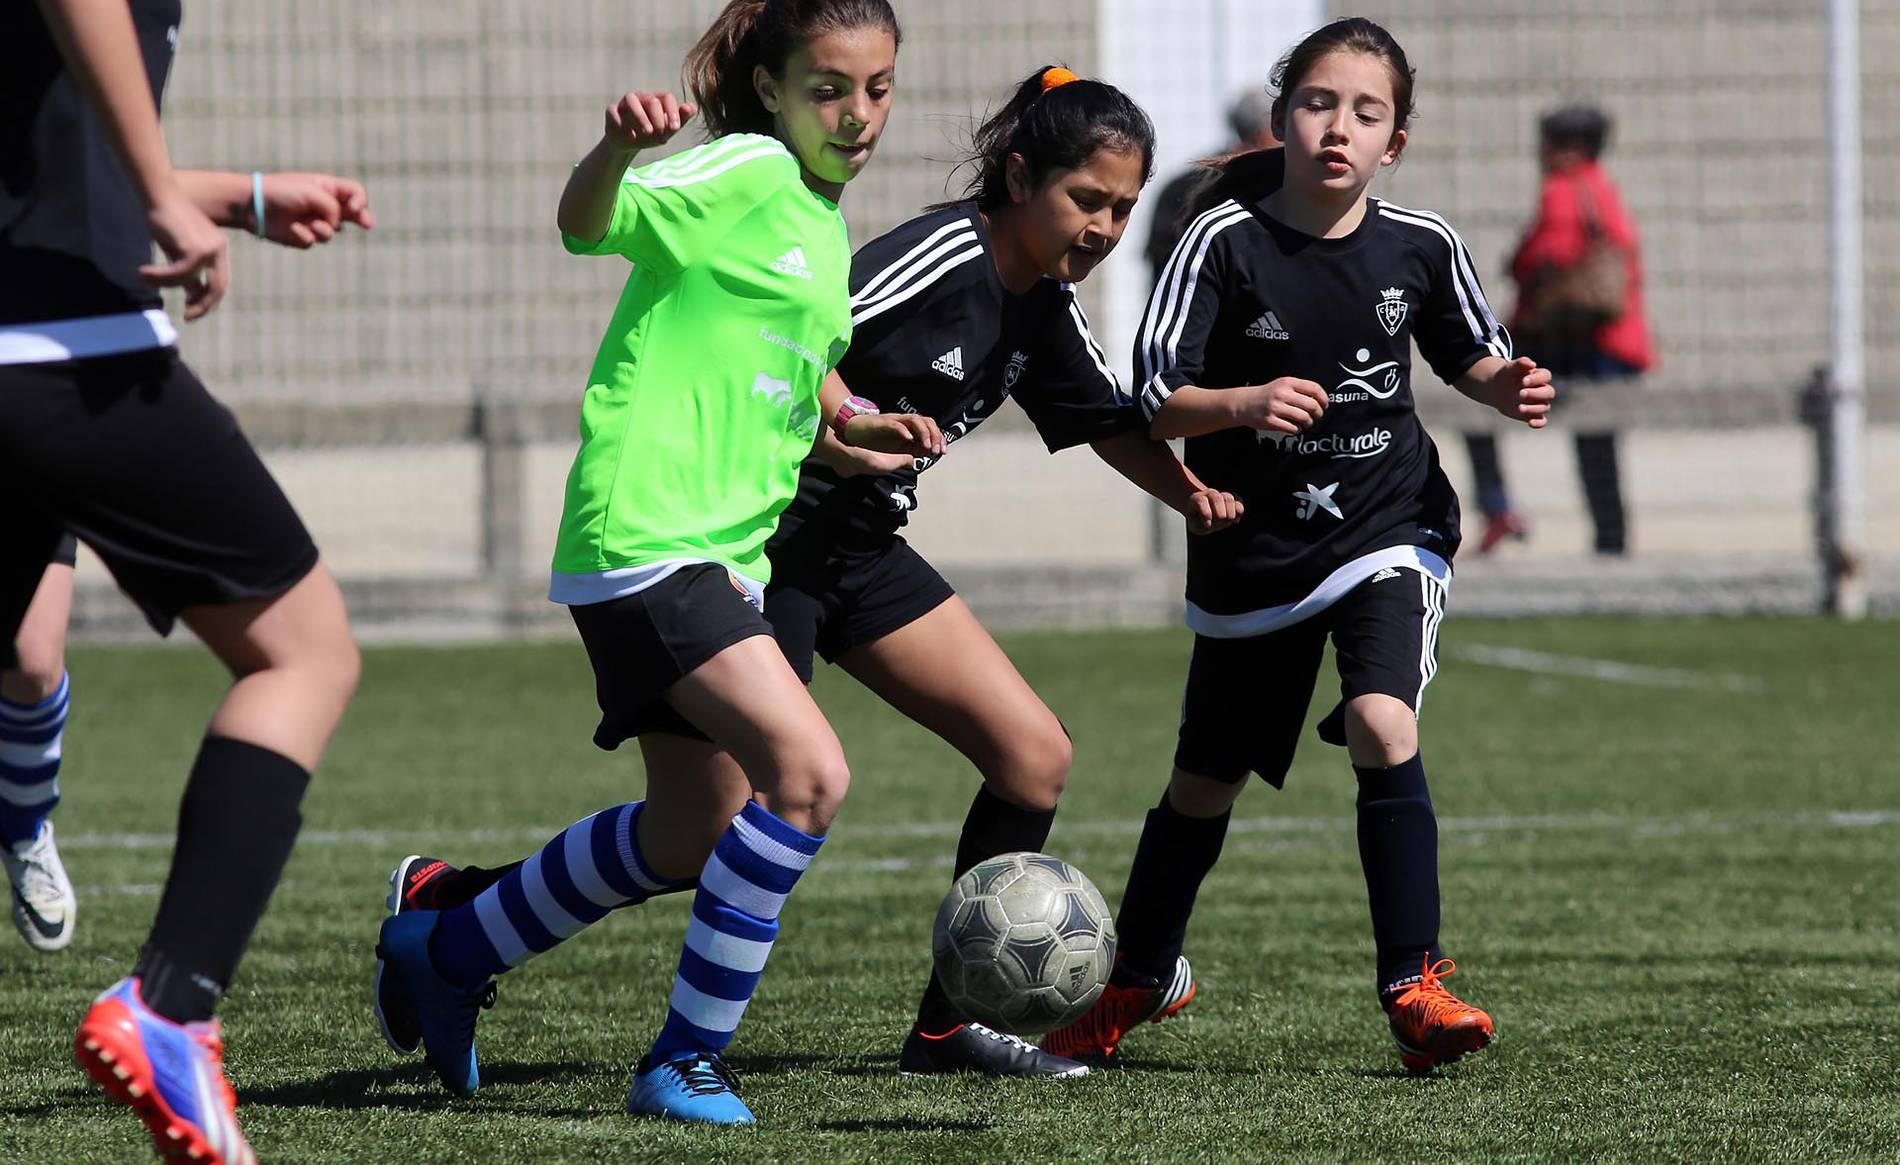 Tercera jornada del Interescolar Femenino (1/37) - Este jueves se han disputado los últimos cinco partidos de la fase de grupos. - Fútbol -